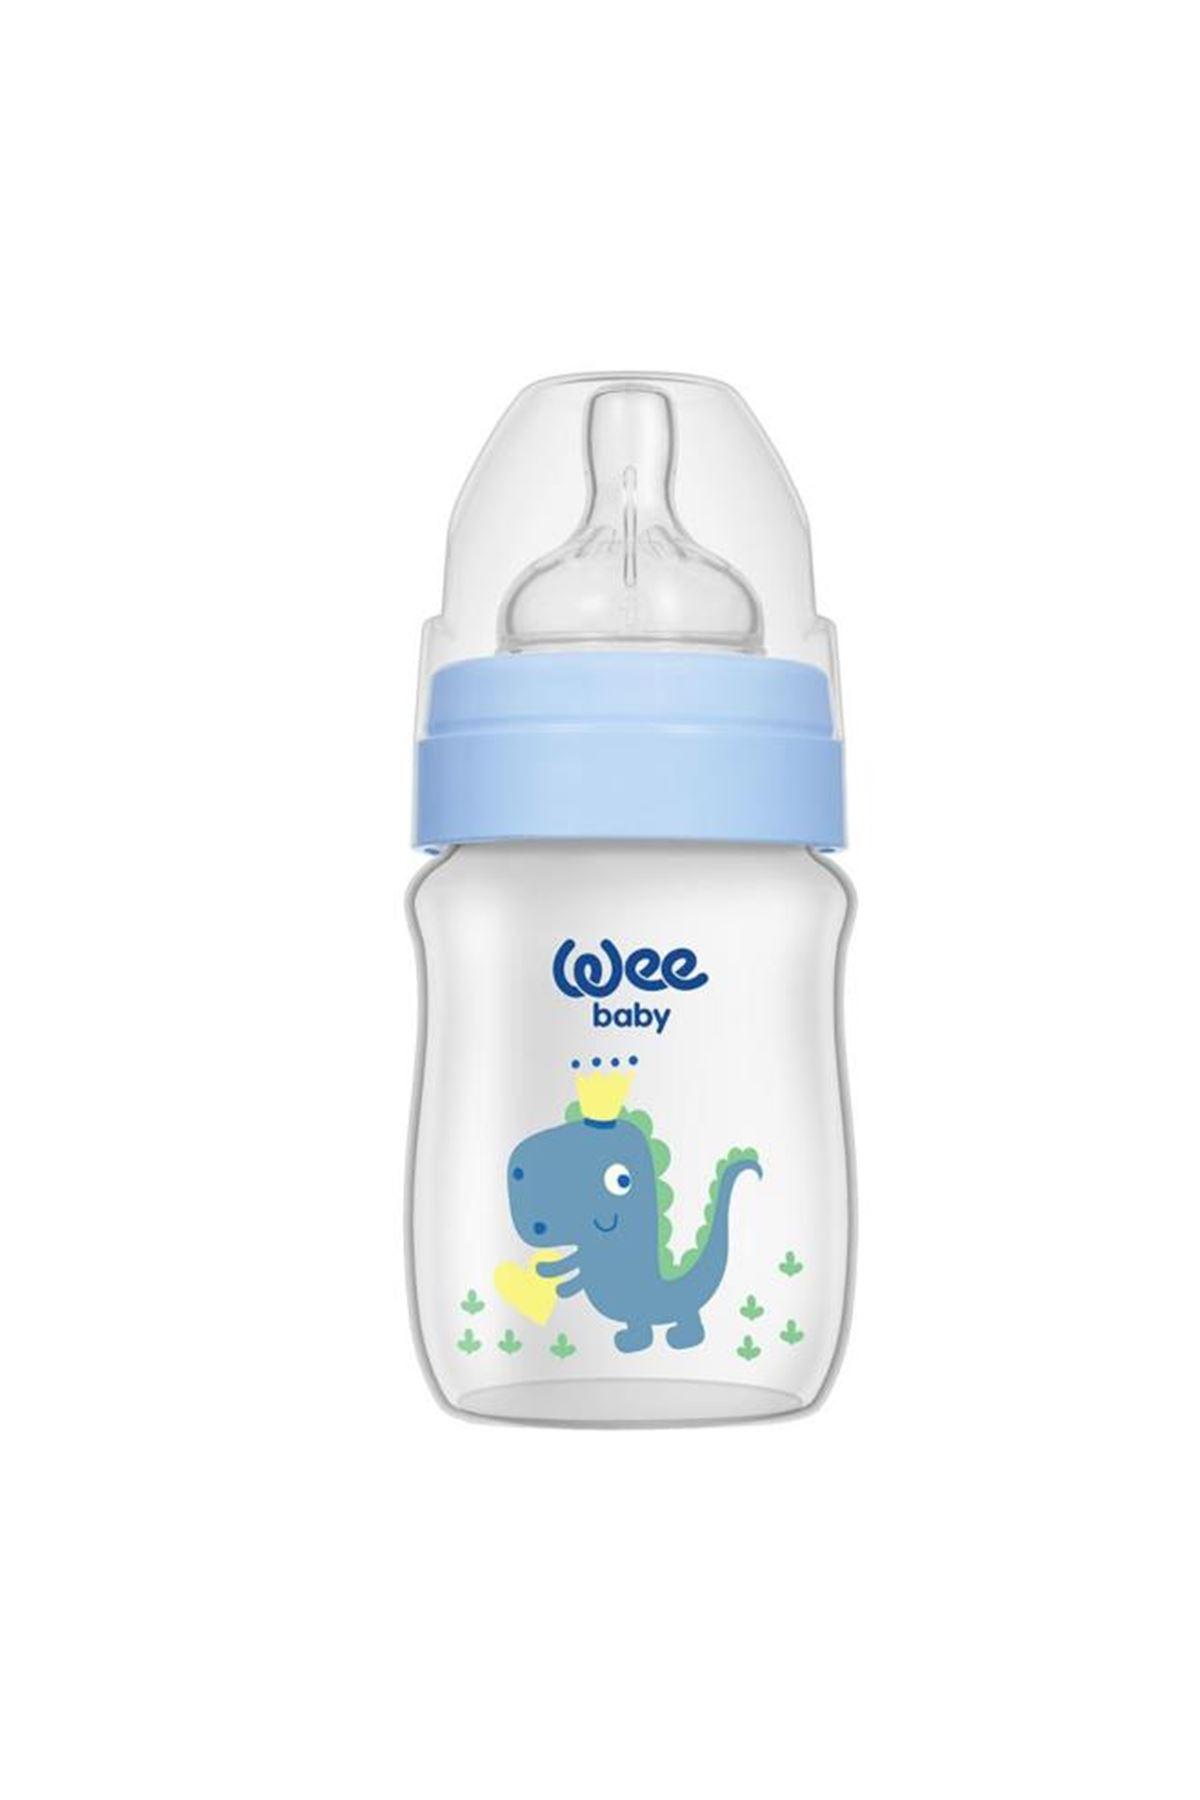 Wee Baby Klasik Plus Geniş Agızlı PP Biberon 150 ml 135